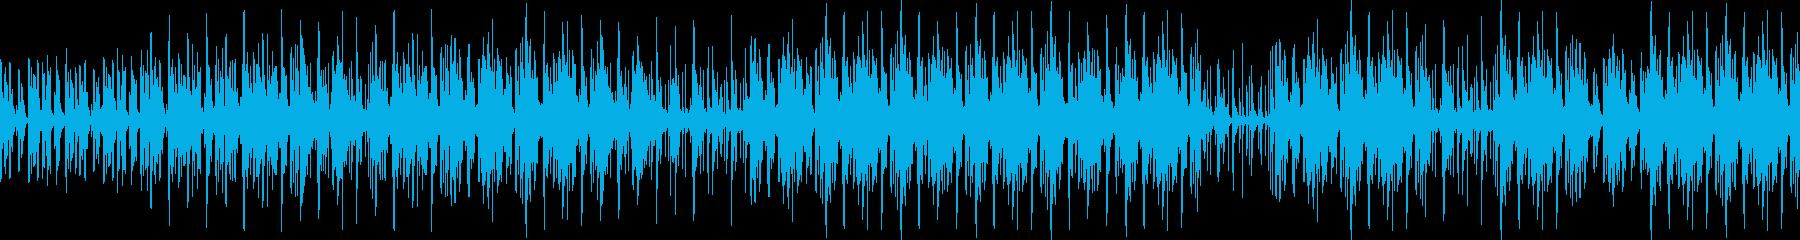 ゆったりで壮大なパーカスアンサンブルの再生済みの波形